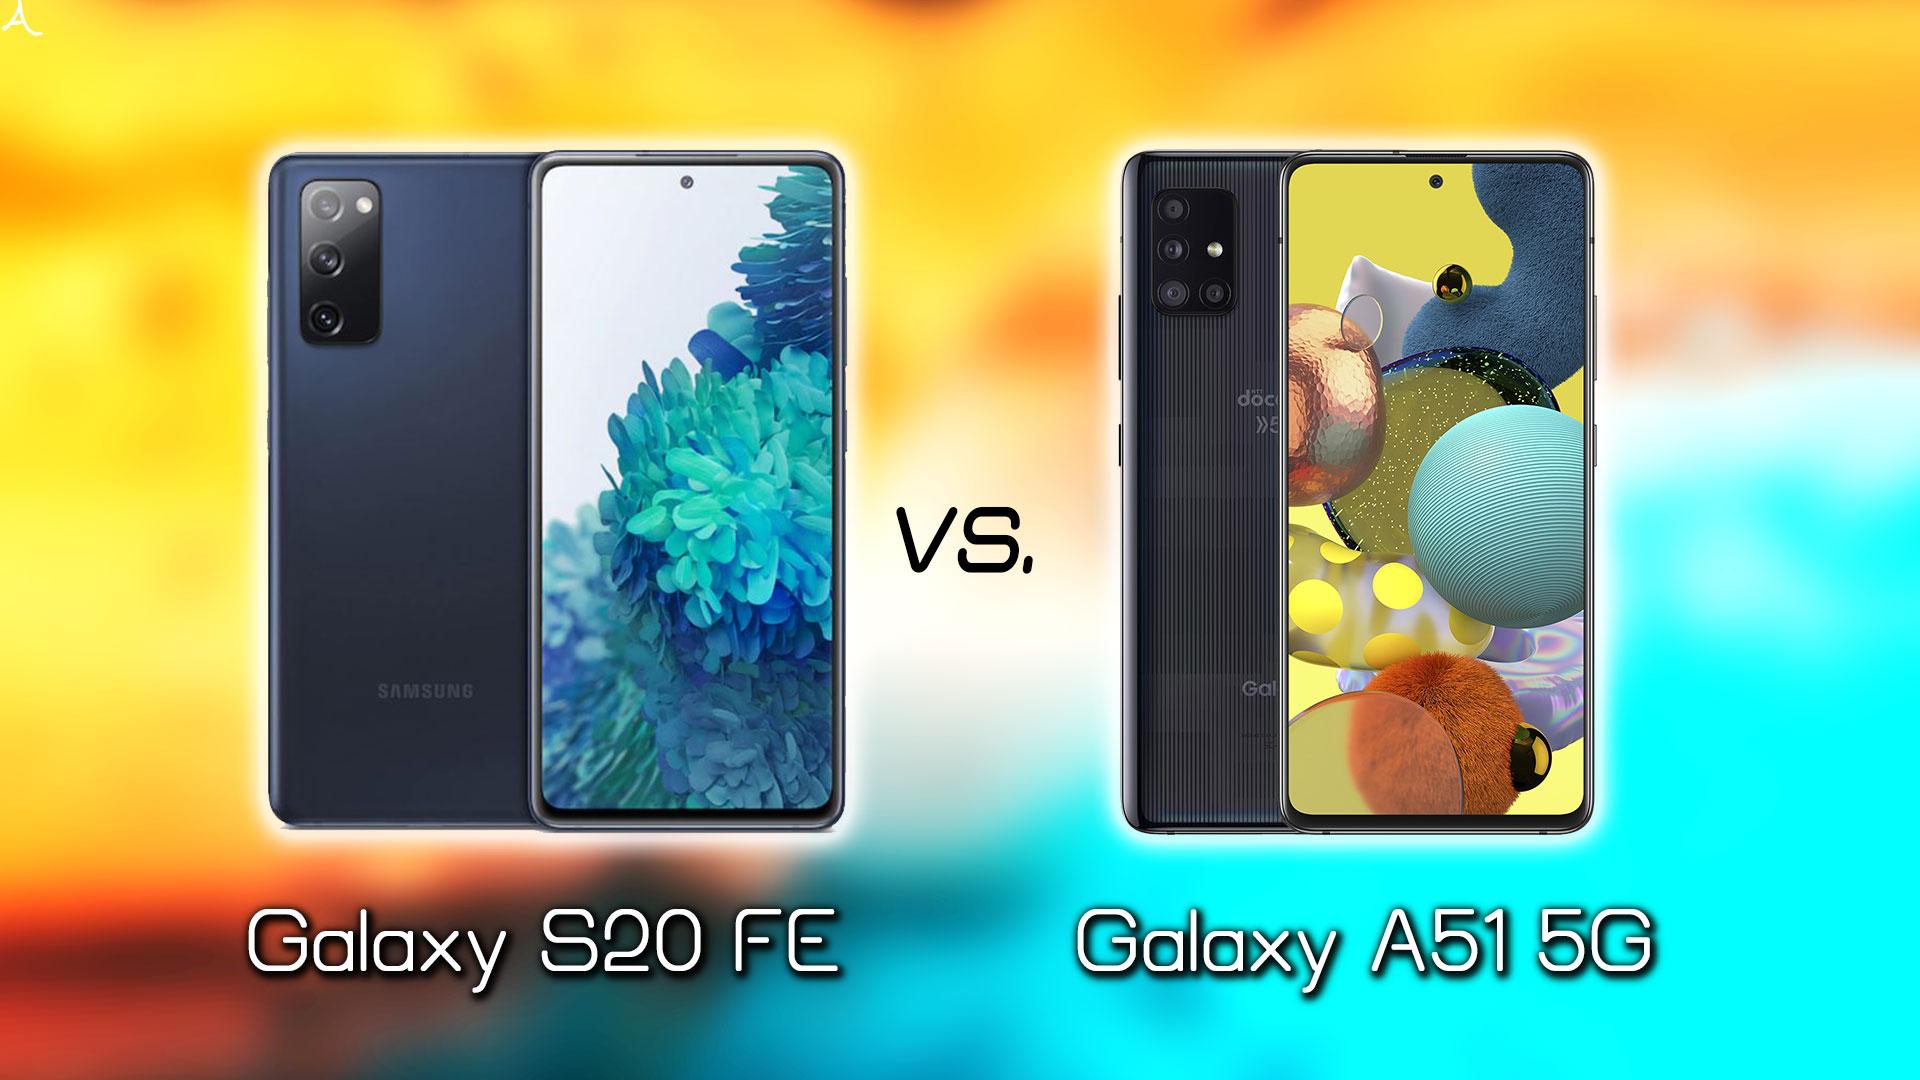 「Galaxy S20 FE」と「Galaxy A51 5G」の違いを比較:どっちを買うべき?